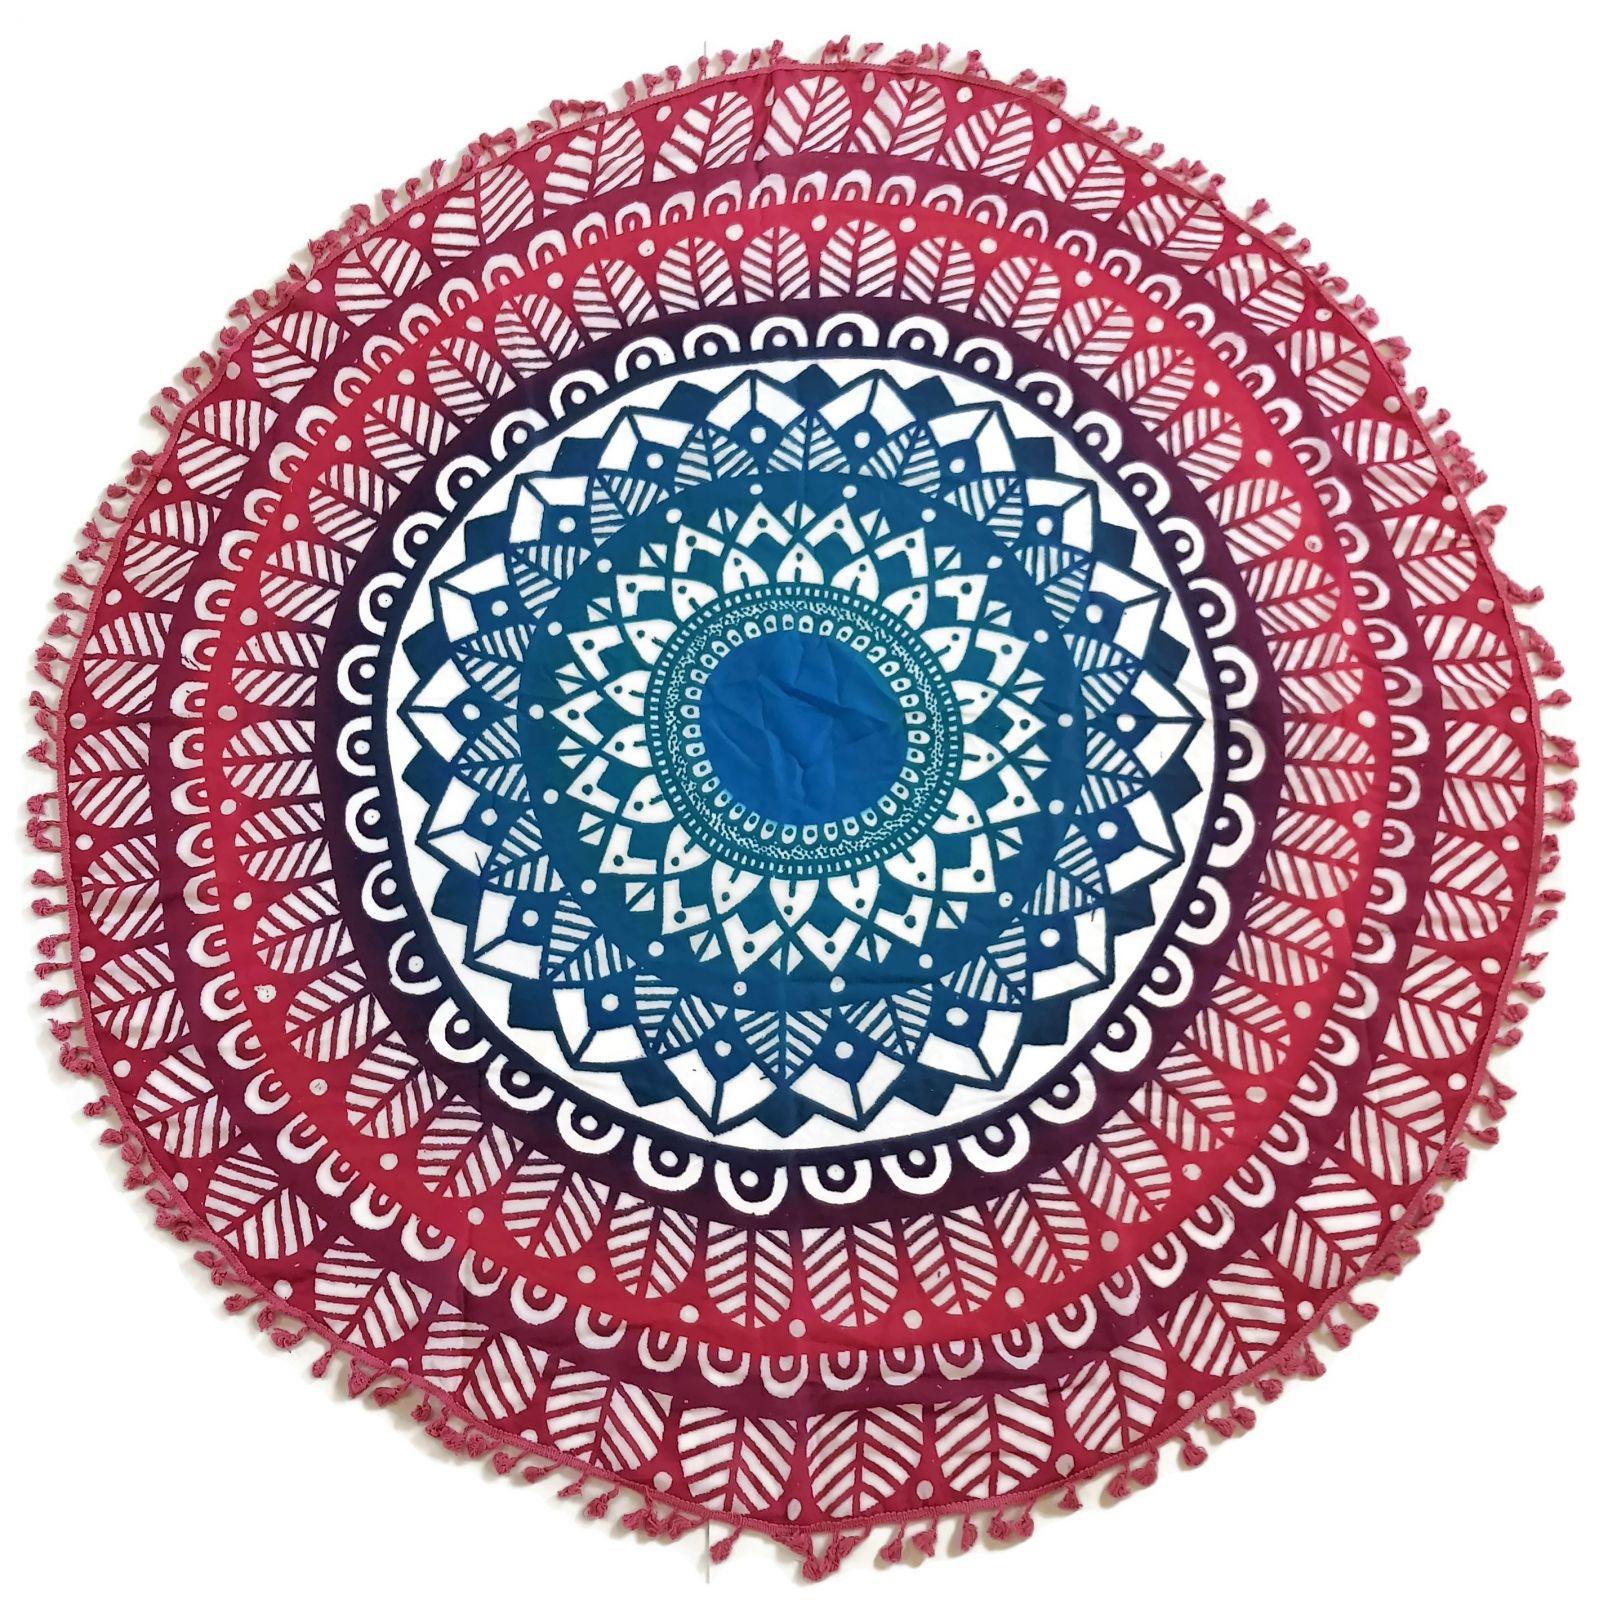 Šátek ve tvaru mandaly - indiánský vzor GIIL